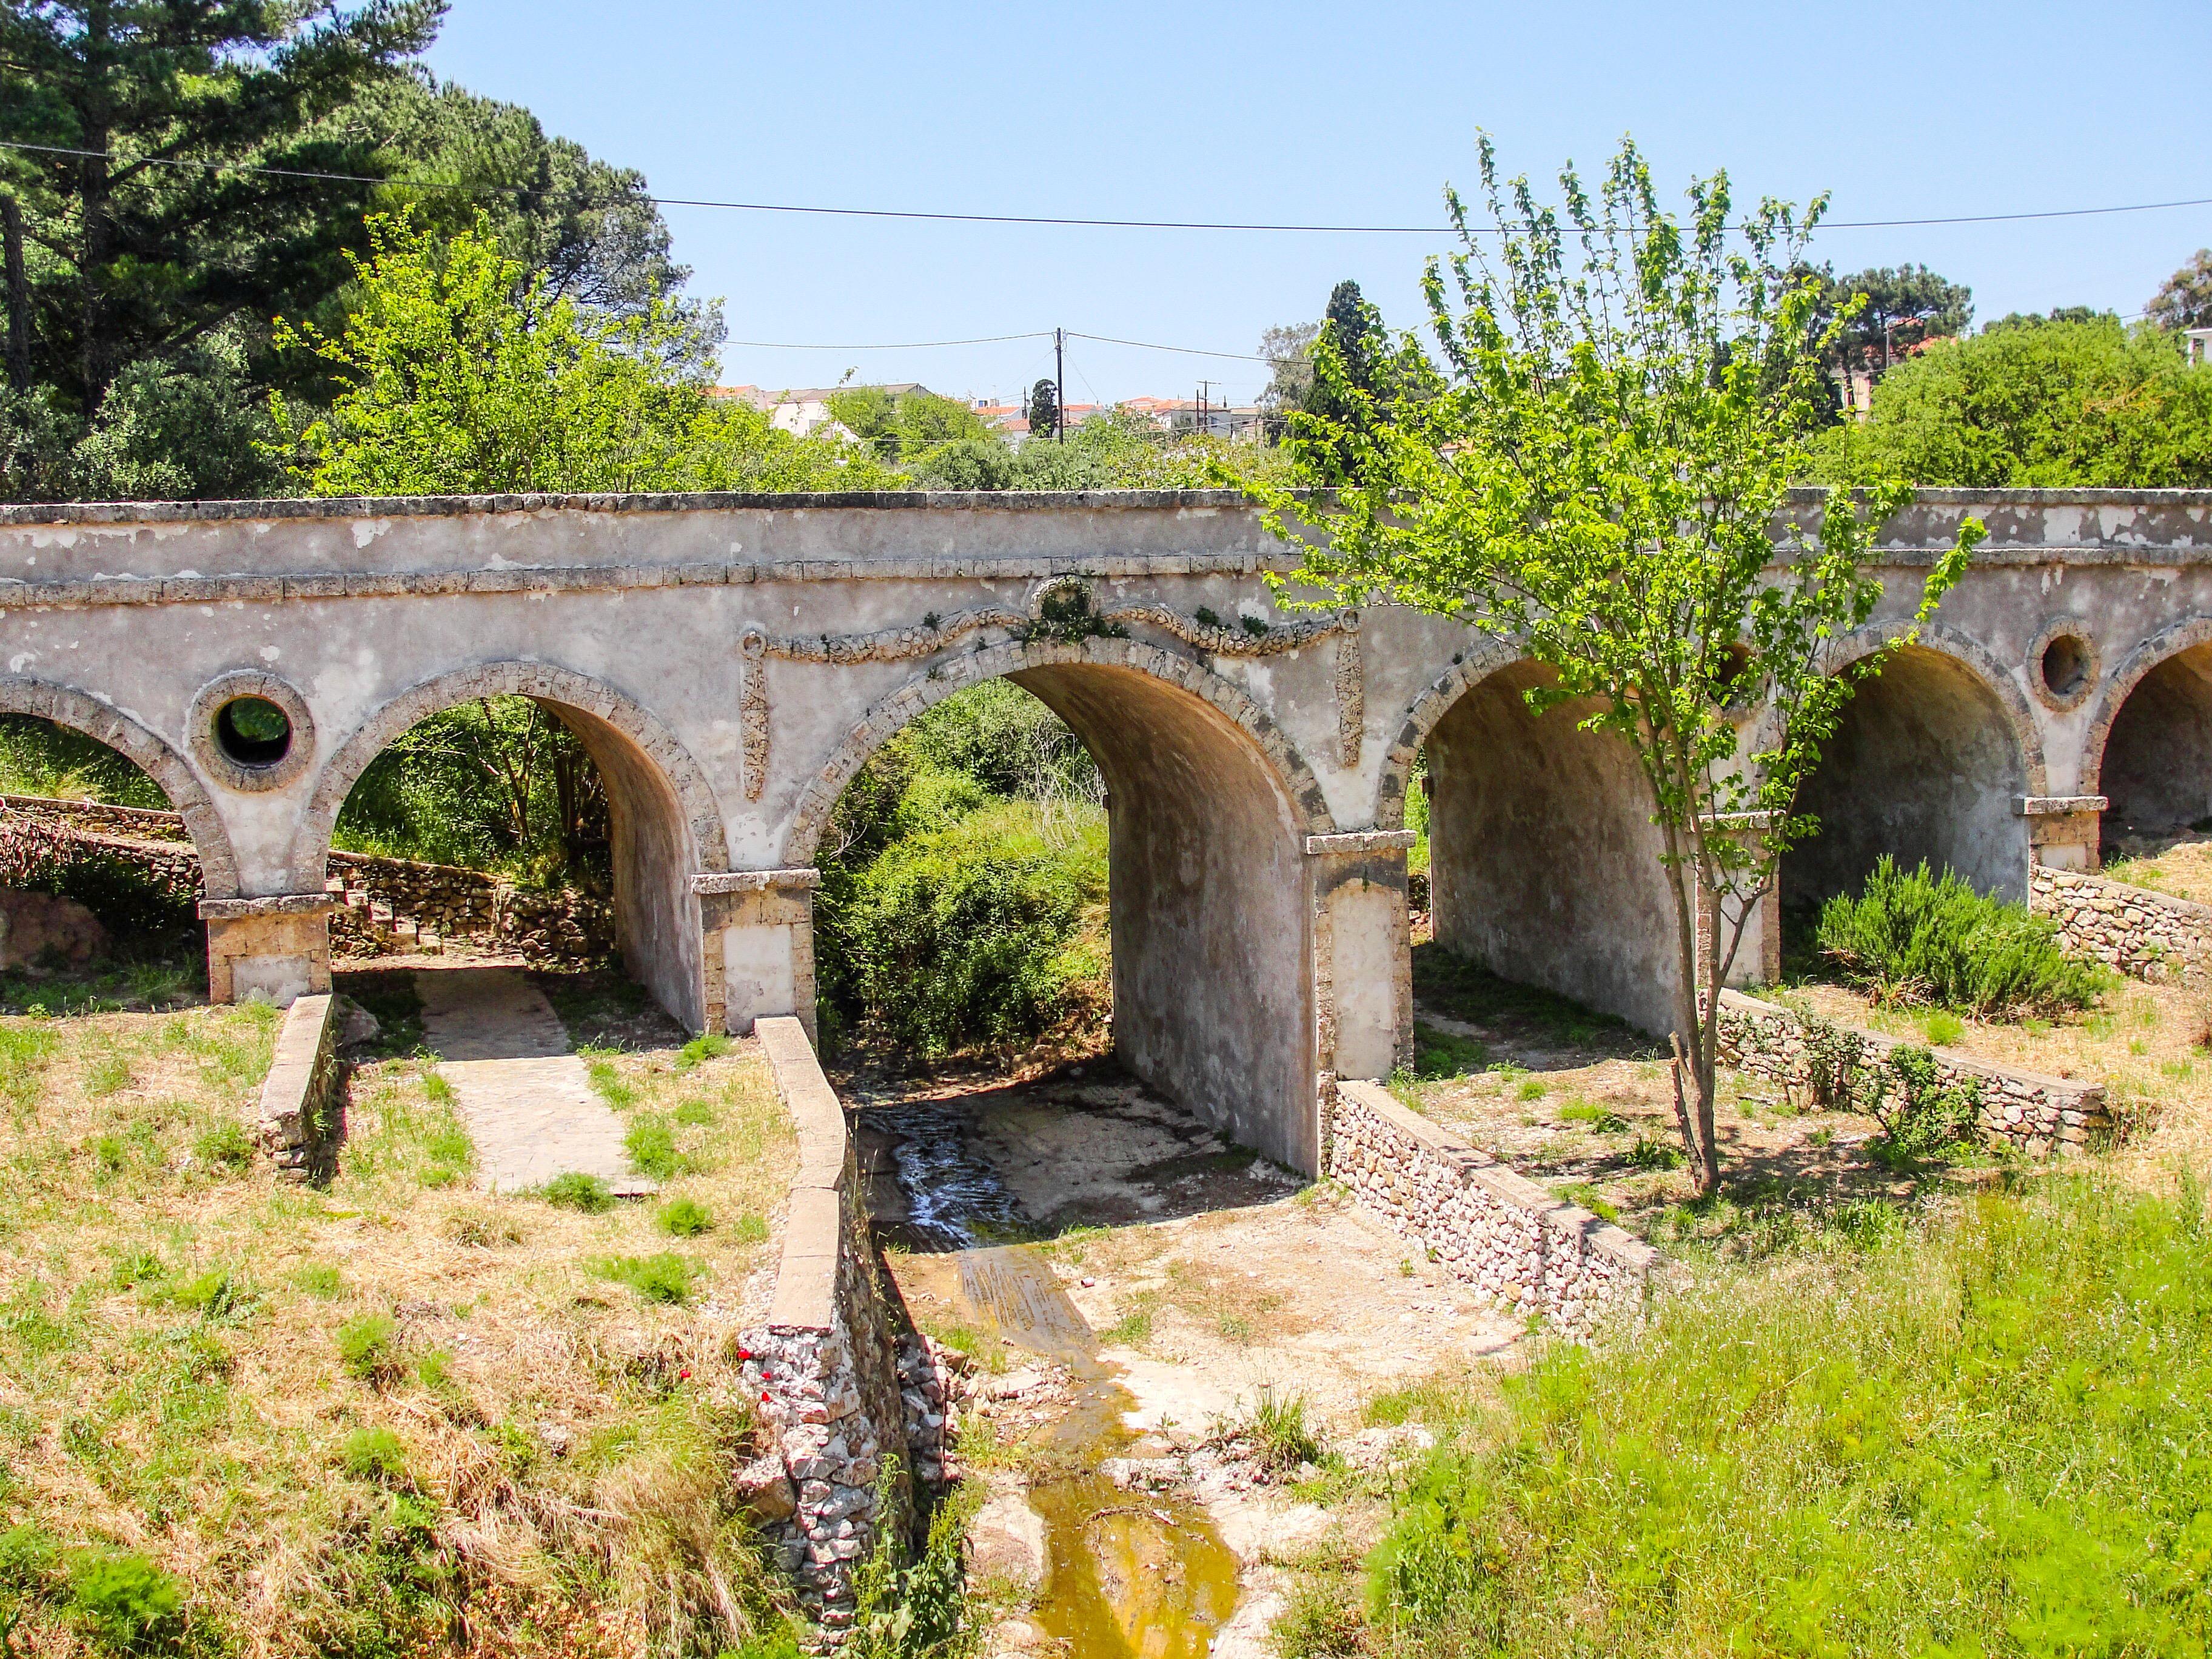 Τοξωτή γέφυρα Ποταμού / Arch bridge of Potamos